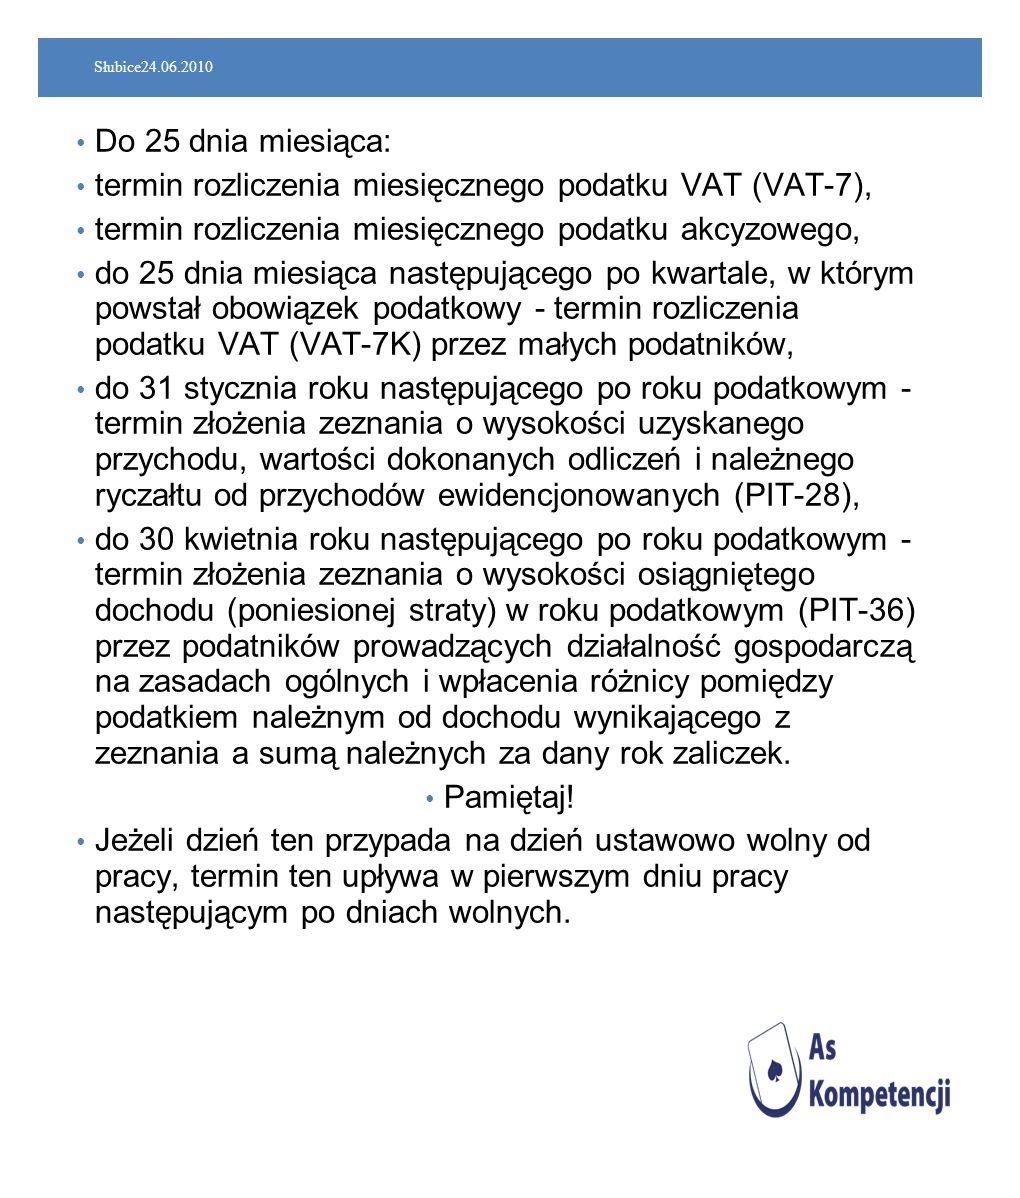 Słubice24.06.2010 Do 25 dnia miesiąca: termin rozliczenia miesięcznego podatku VAT (VAT-7), termin rozliczenia miesięcznego podatku akcyzowego, do 25